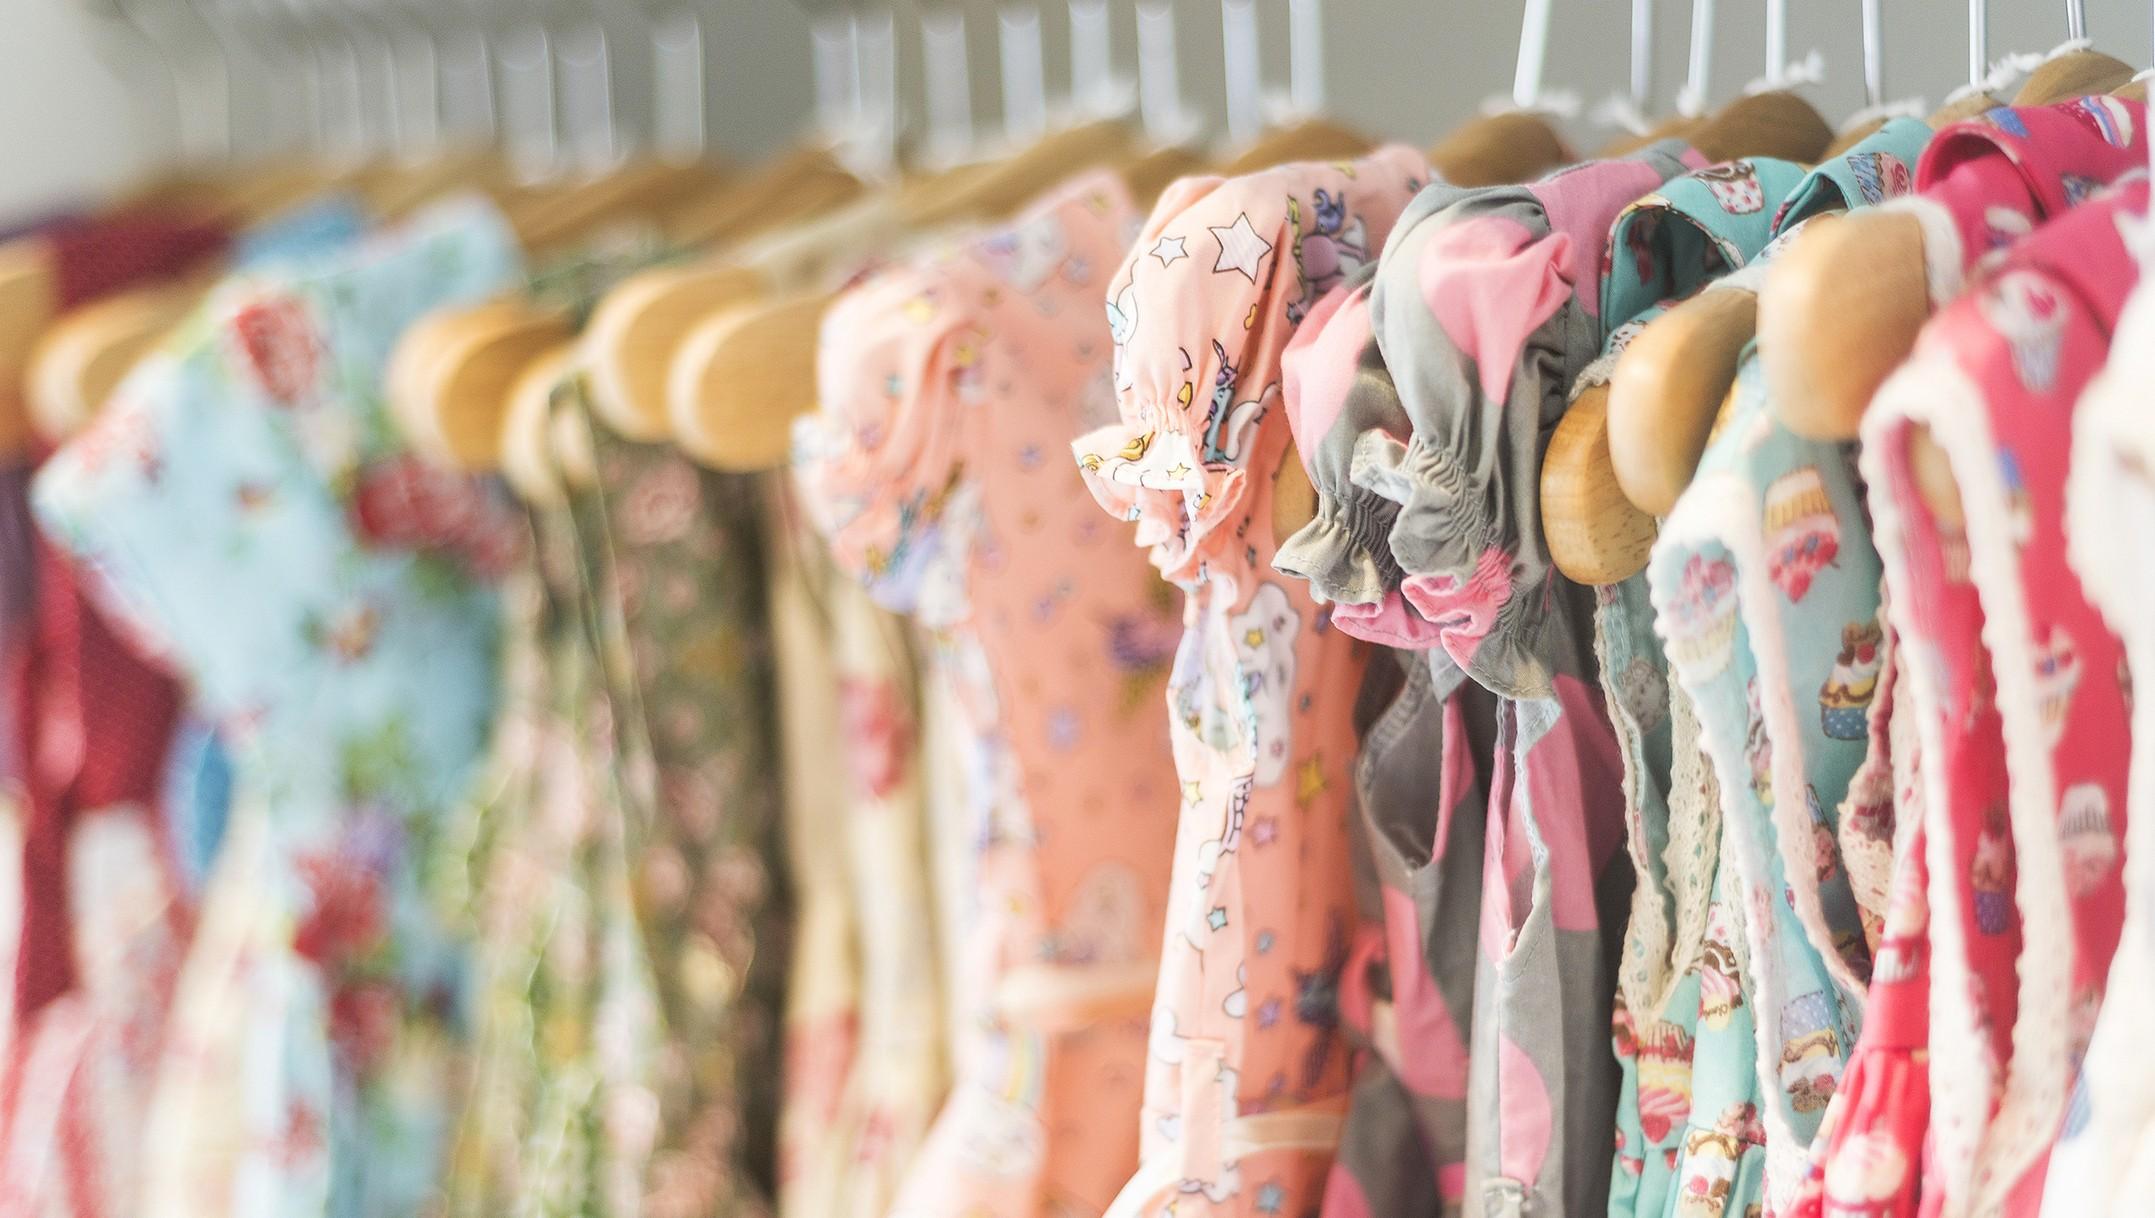 kein geld retour - günstige kleider aus china als teurer